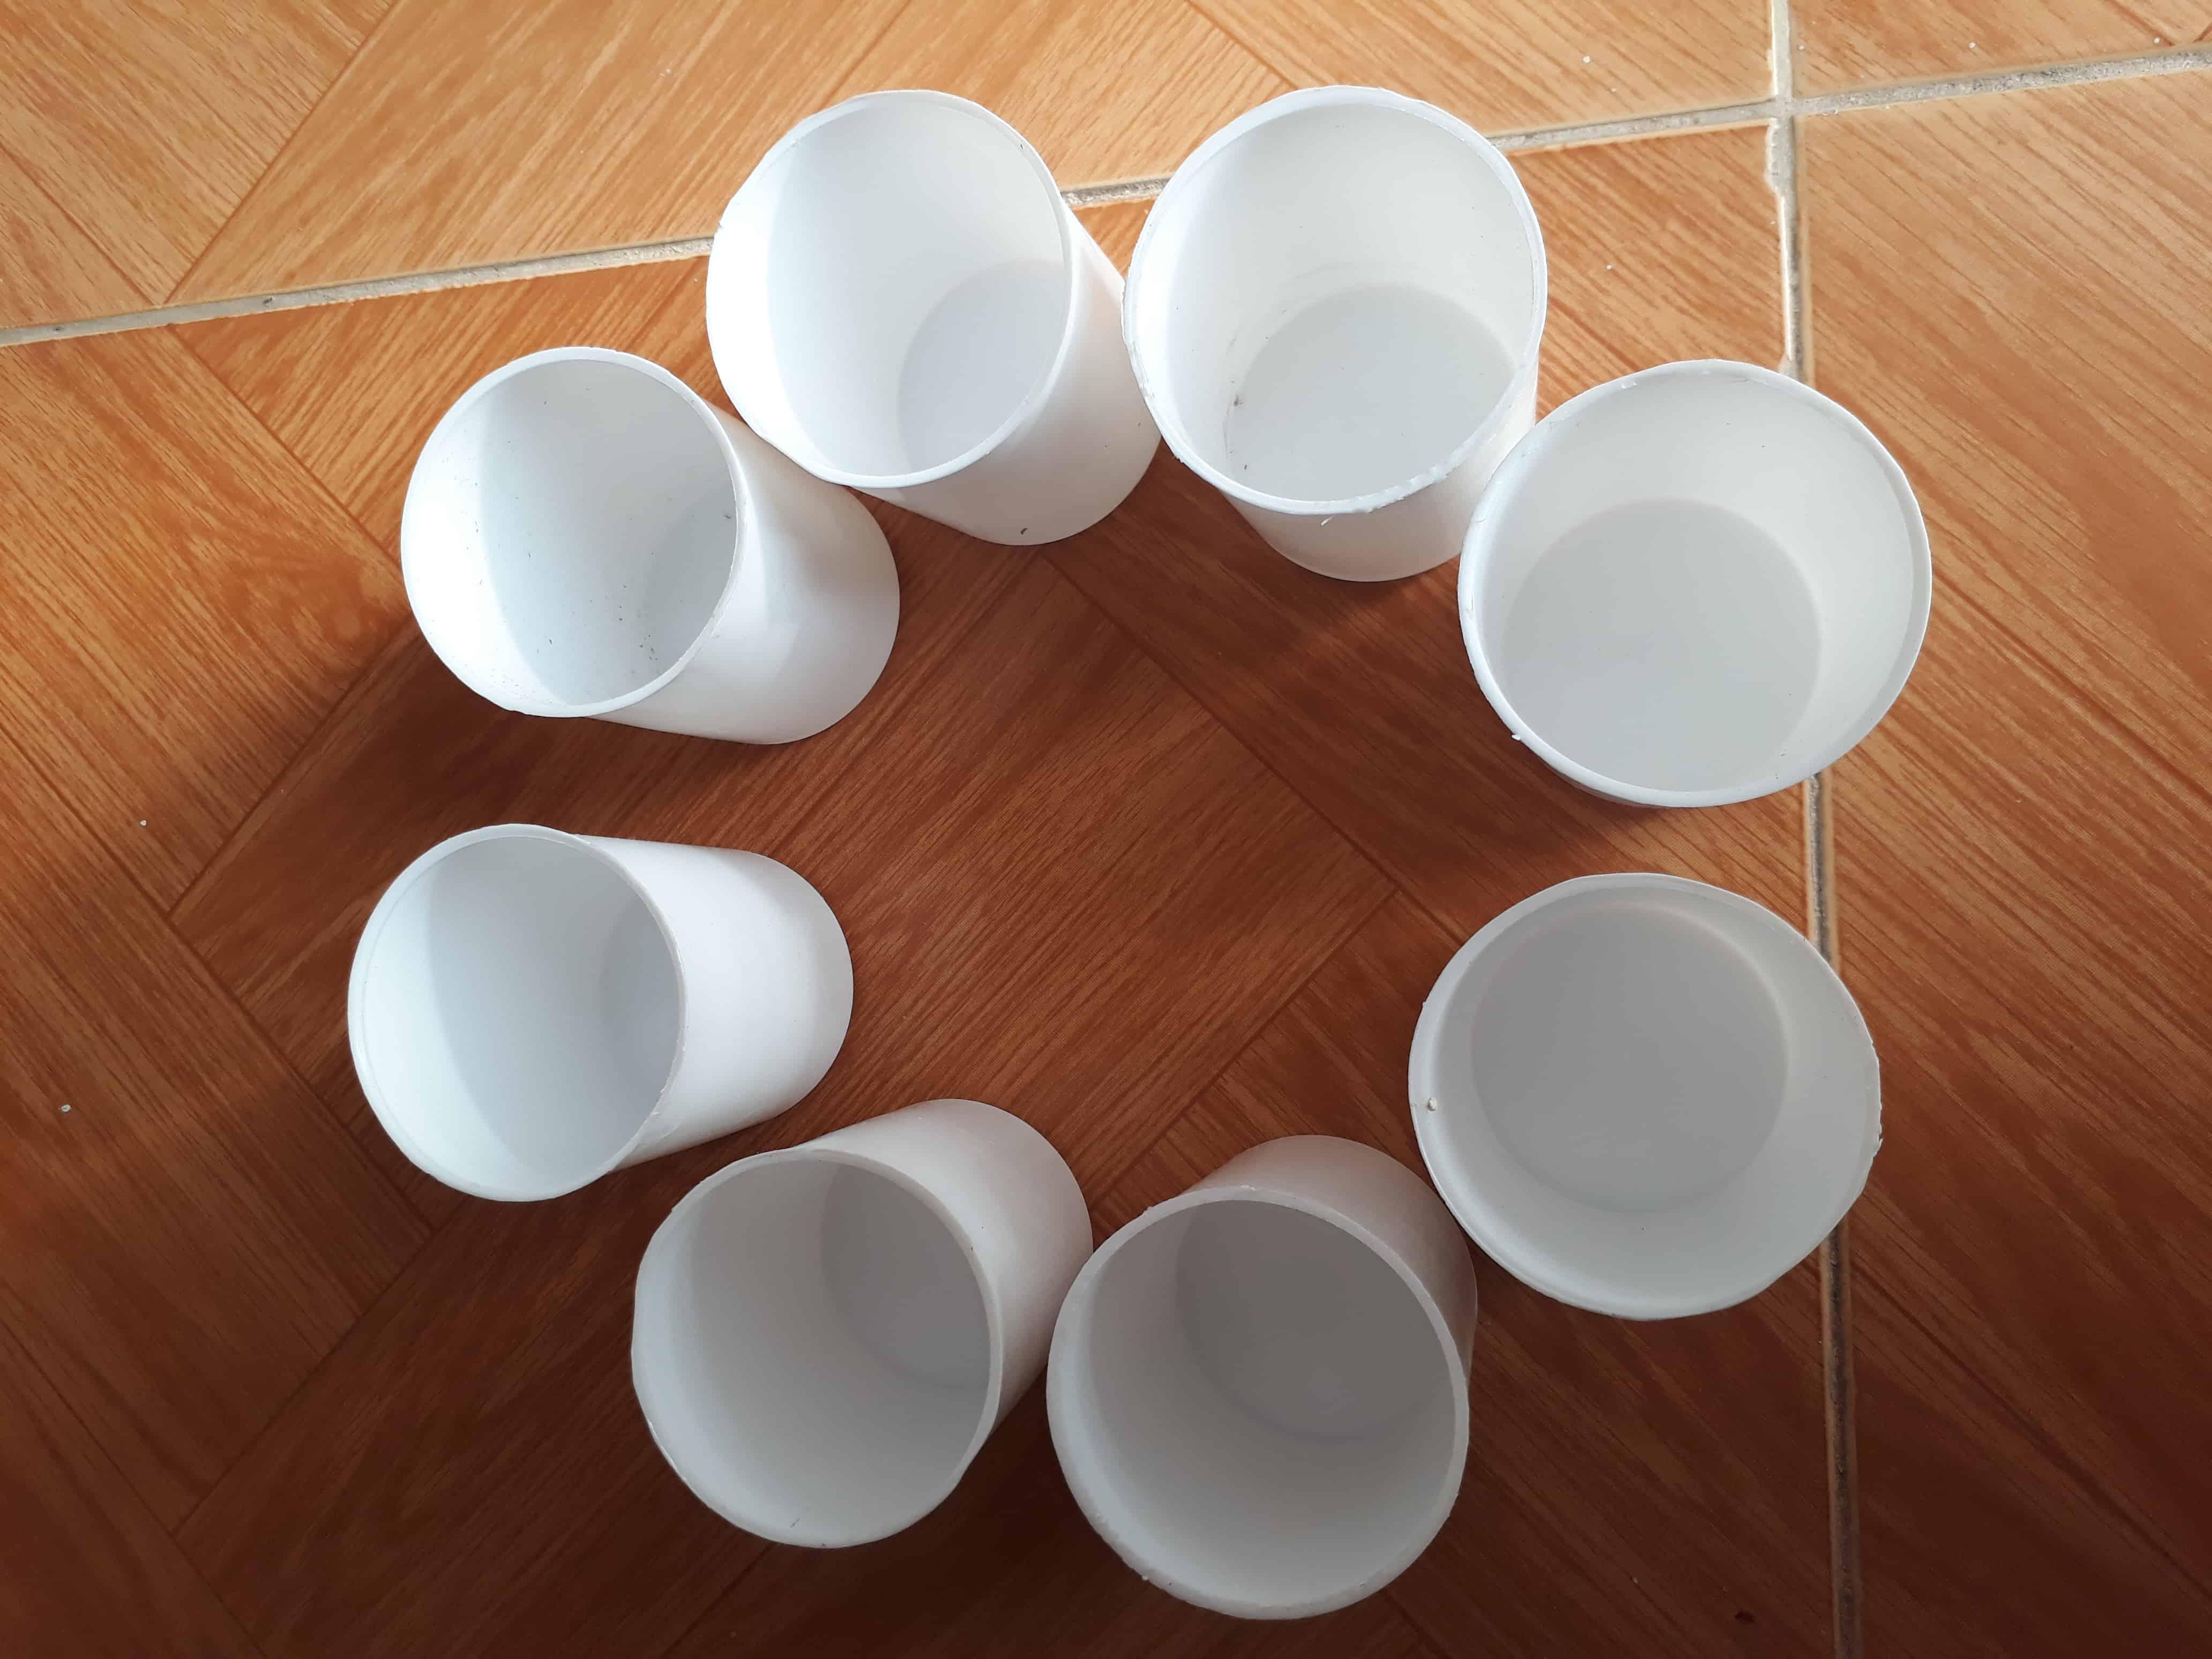 danh-gia-may-lam-sua-chua-gia-re-thuong-hieu-chefman-cm-302 (7)